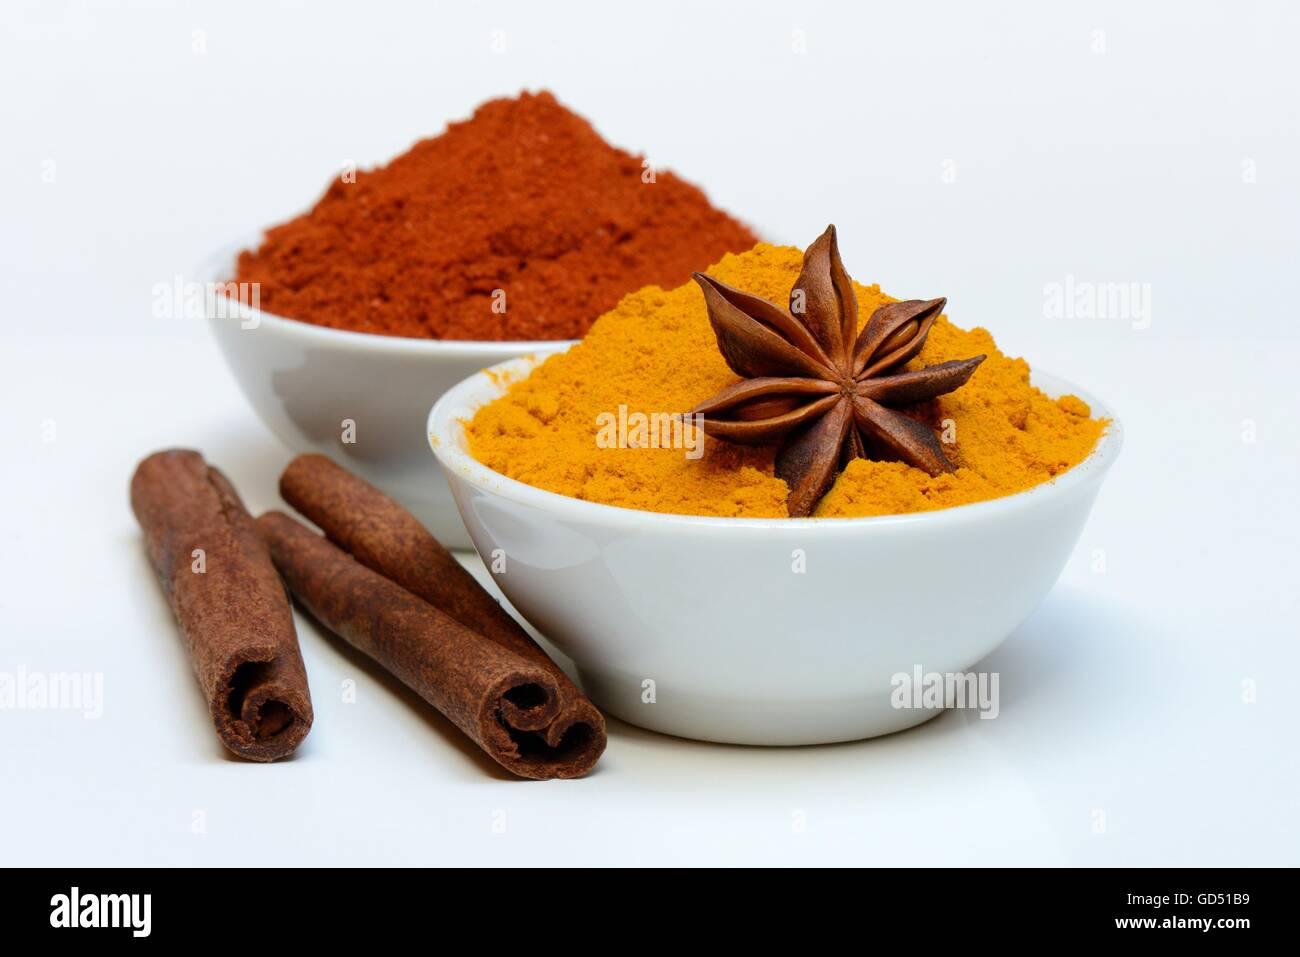 Spices in bowls, Cinnamomum spec., Capsicum annuum, Illicium verum, Curcuma longa - Stock Image